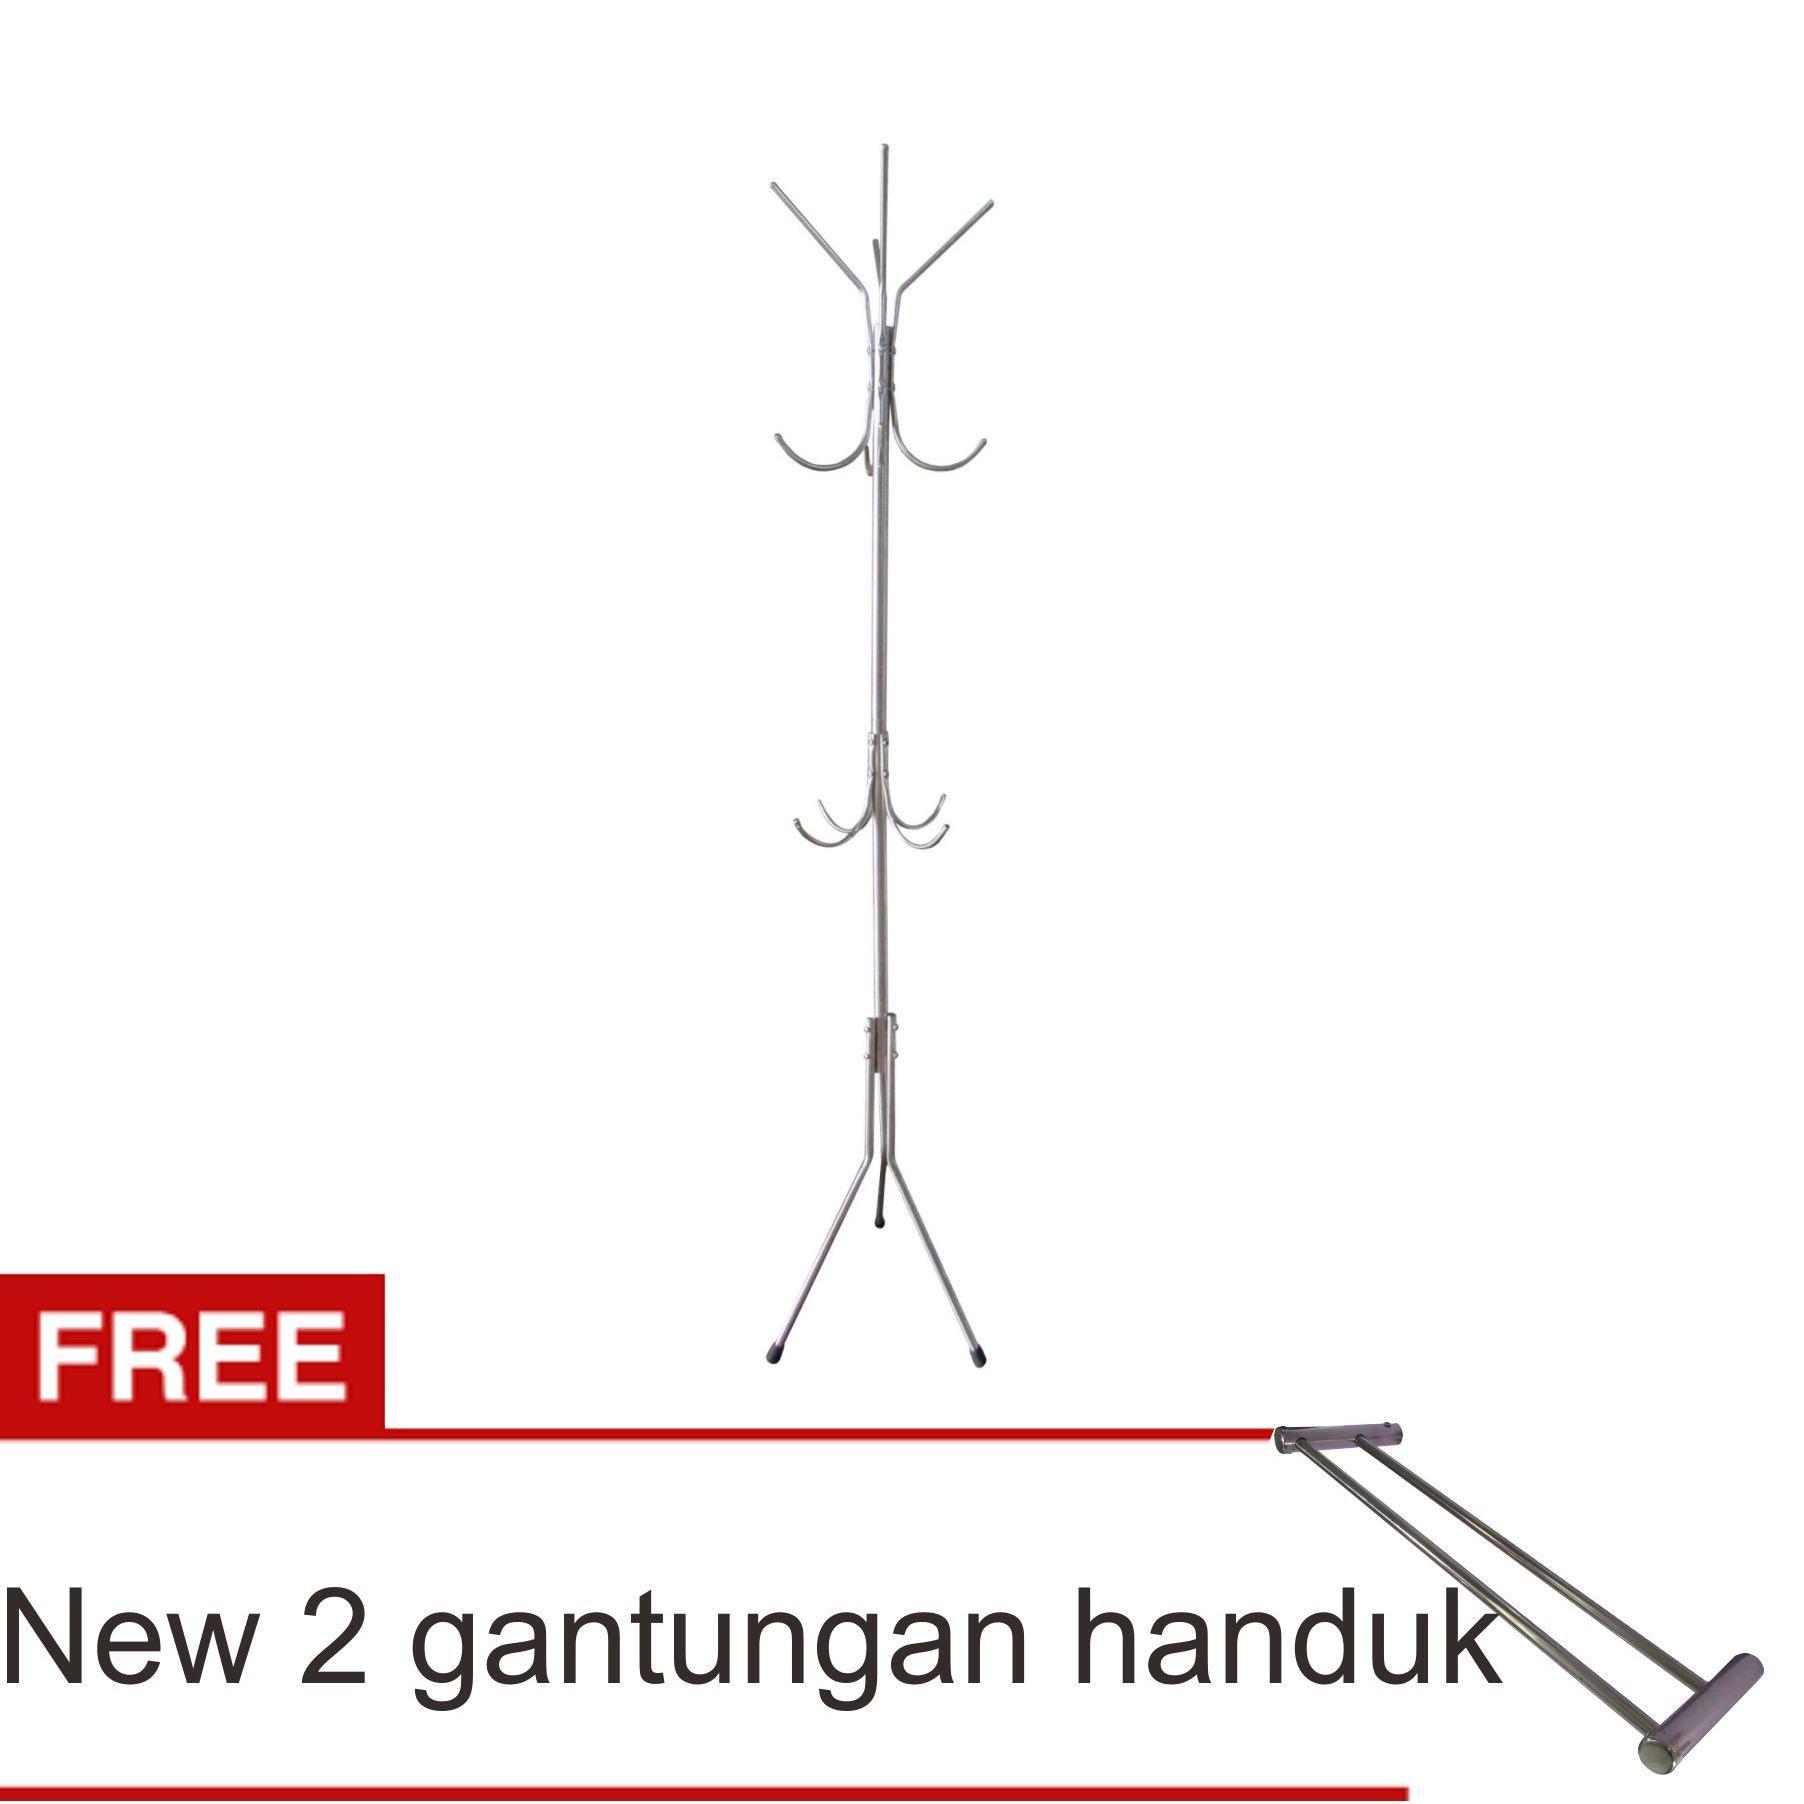 Harga preferensial Lanjarjaya Stainless Steel Standing Hanger Multifungsi / Gantungan Tas Baju Serbaguna + New 2 Gantungan Handuk terbaik murah - Hanya ...